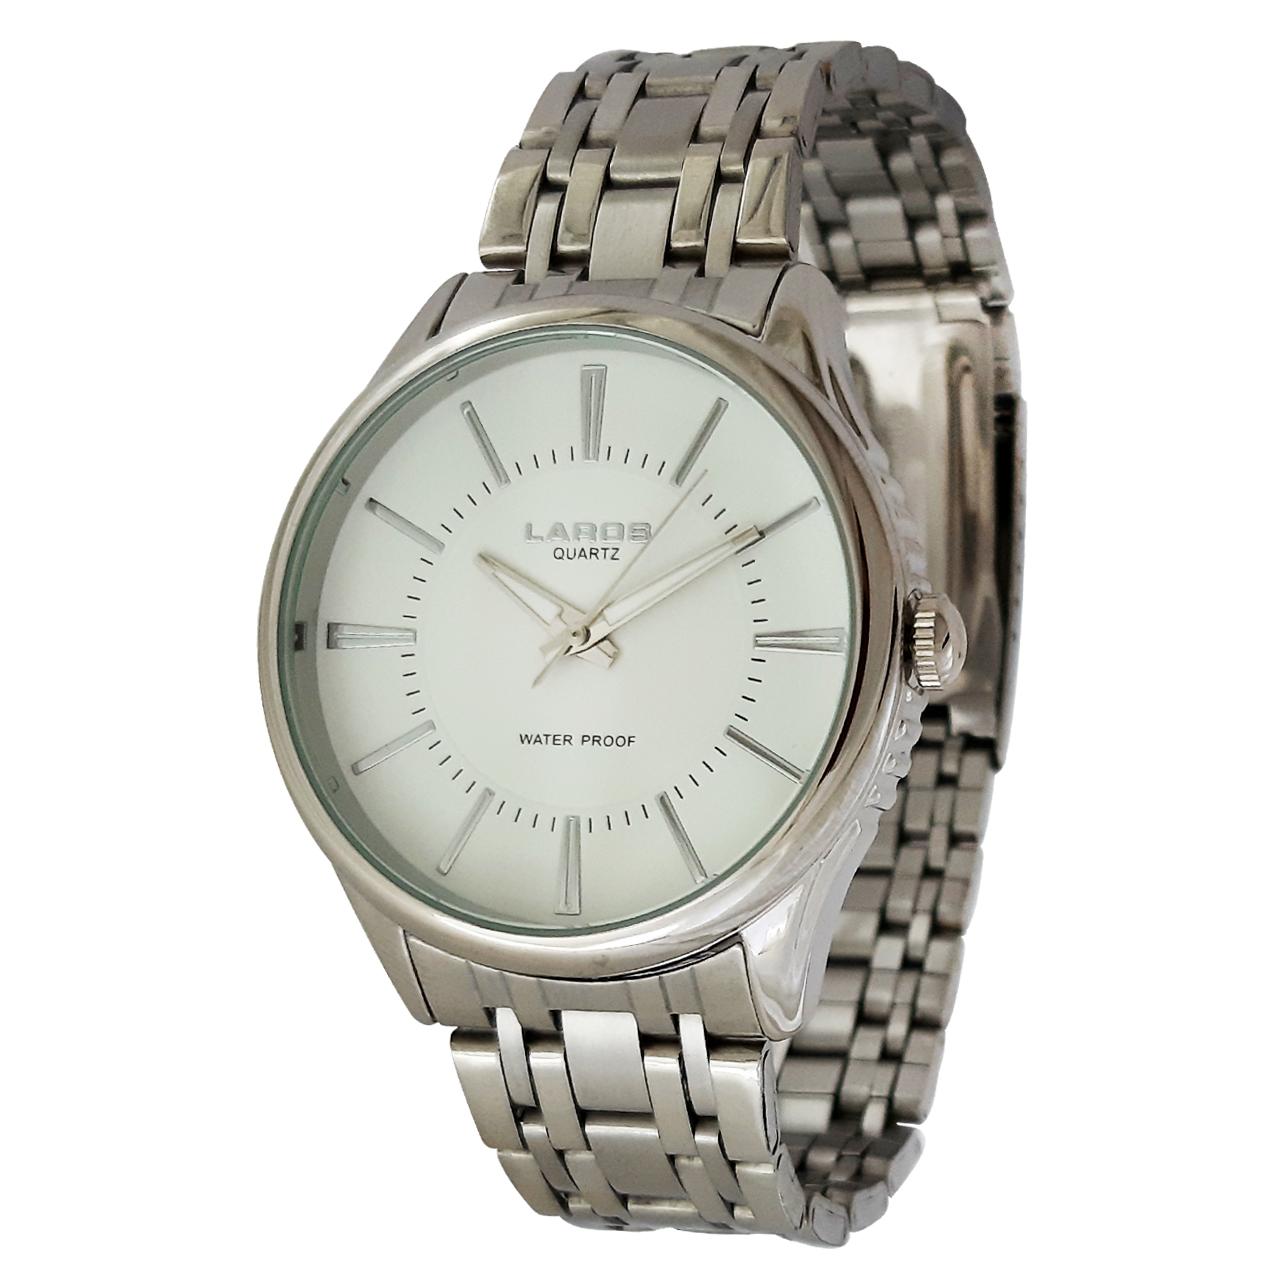 ساعت مچی عقربه ای مردانه لاروس مدل 0817-79877 به همراه دستمال مخصوص برند کلین واچ 9